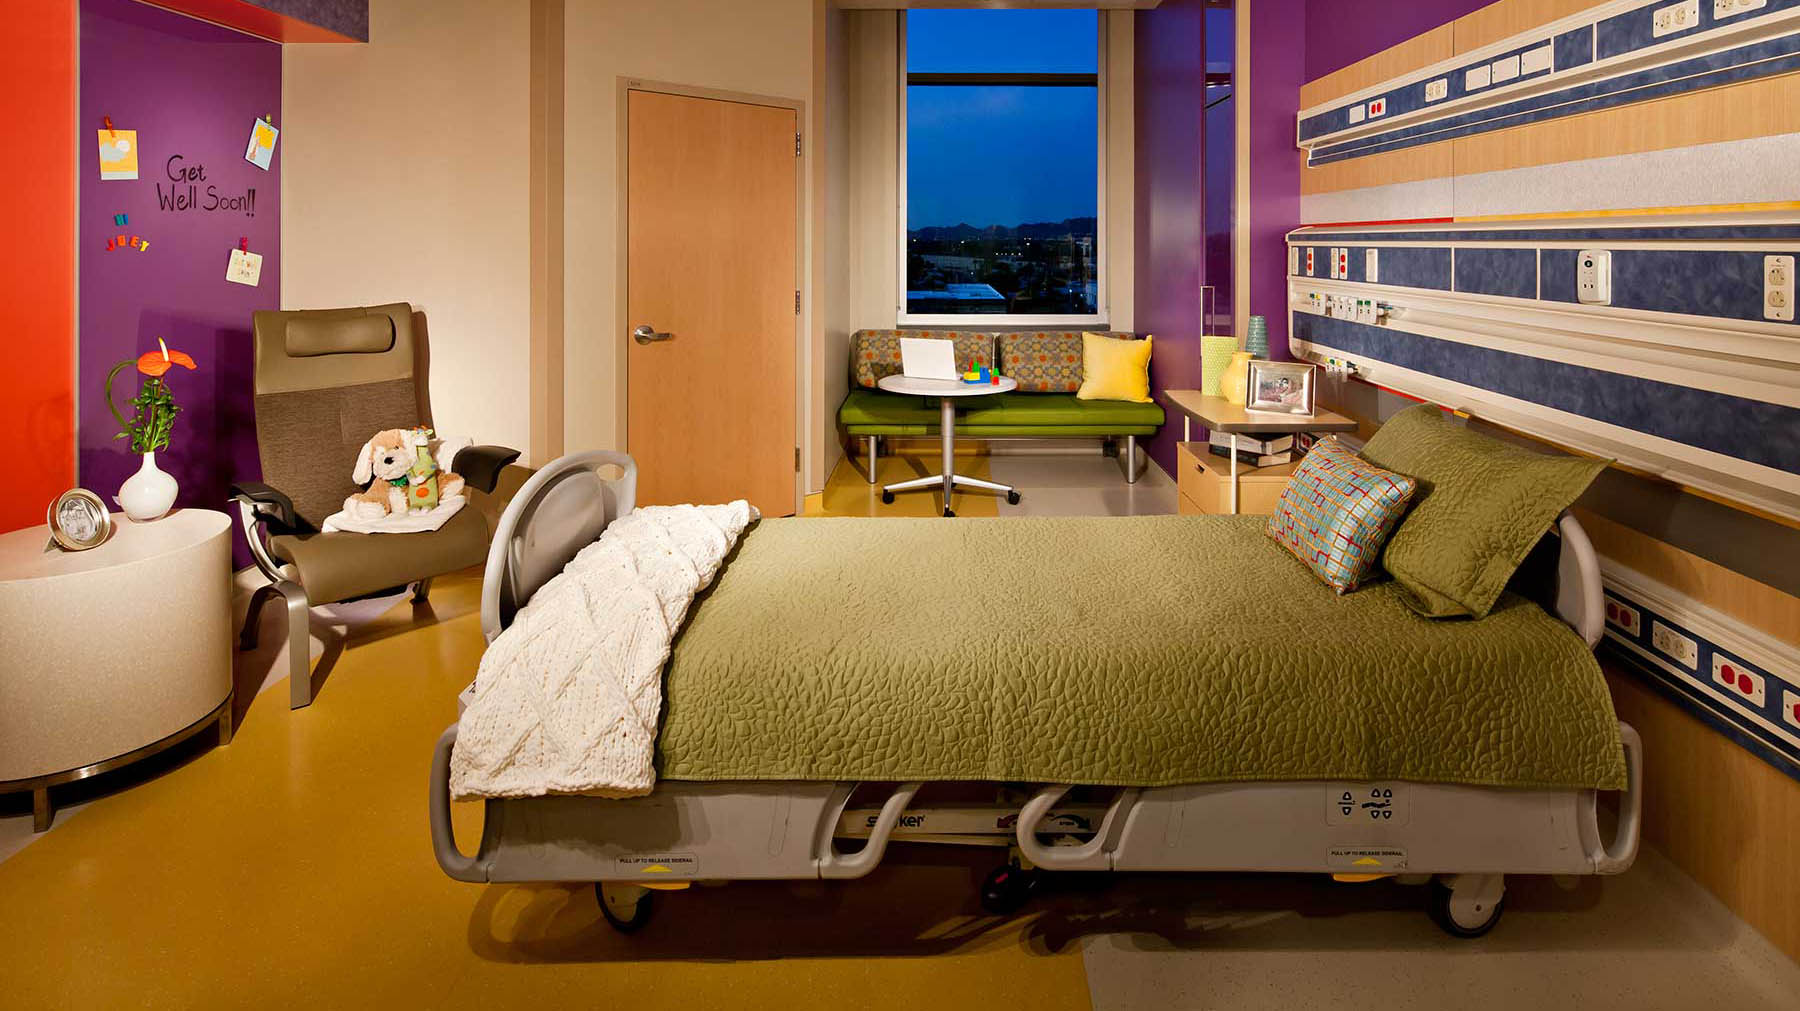 Phoenix Children's Hospital - Glumac Building Commissioning